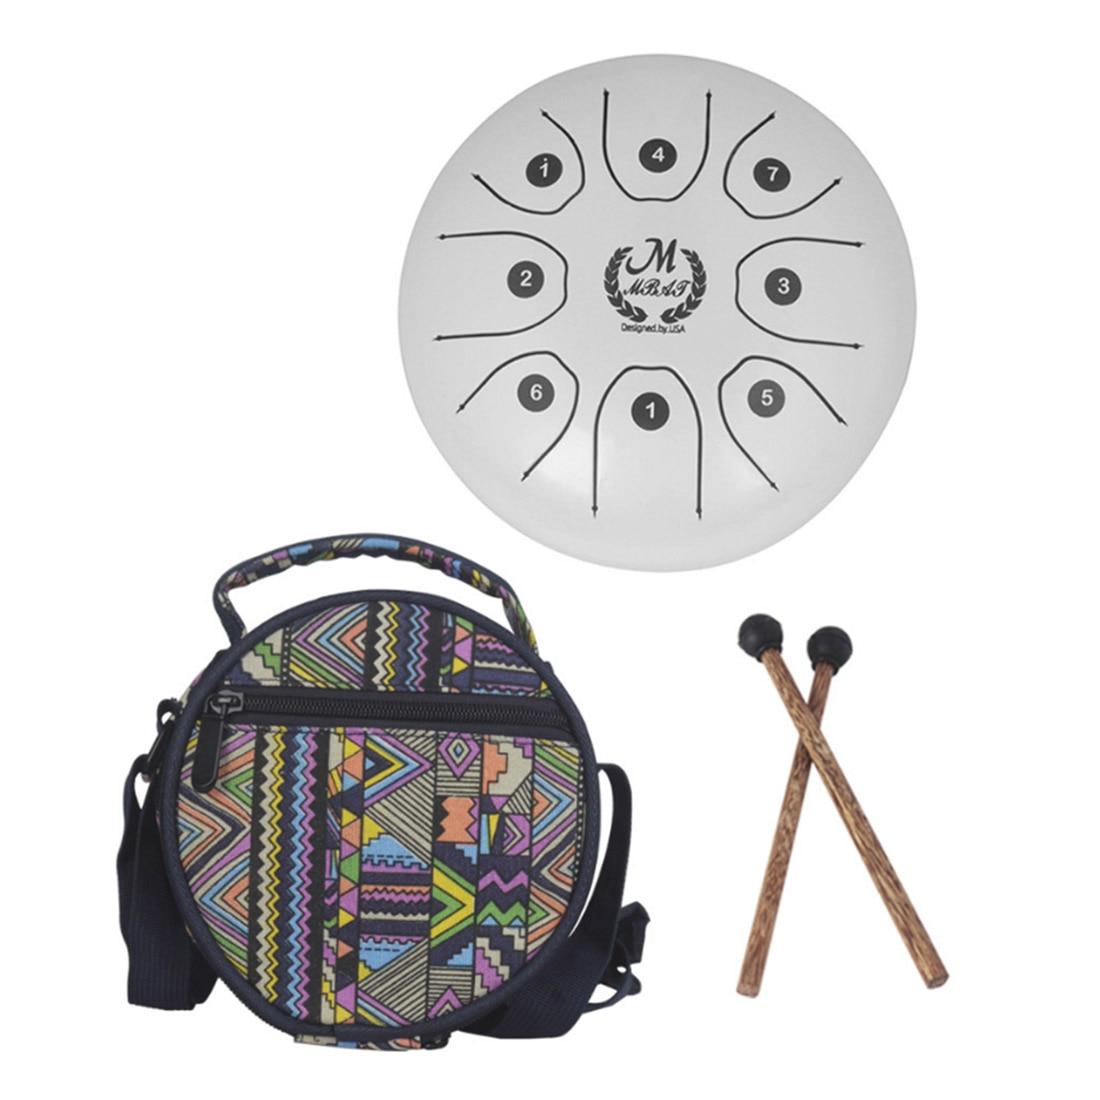 Meibeite langue tambour Handpan tambour tambour à main Fanyin tambour Instrument à Percussion jouets pour enfants apprentissage Kit de musique